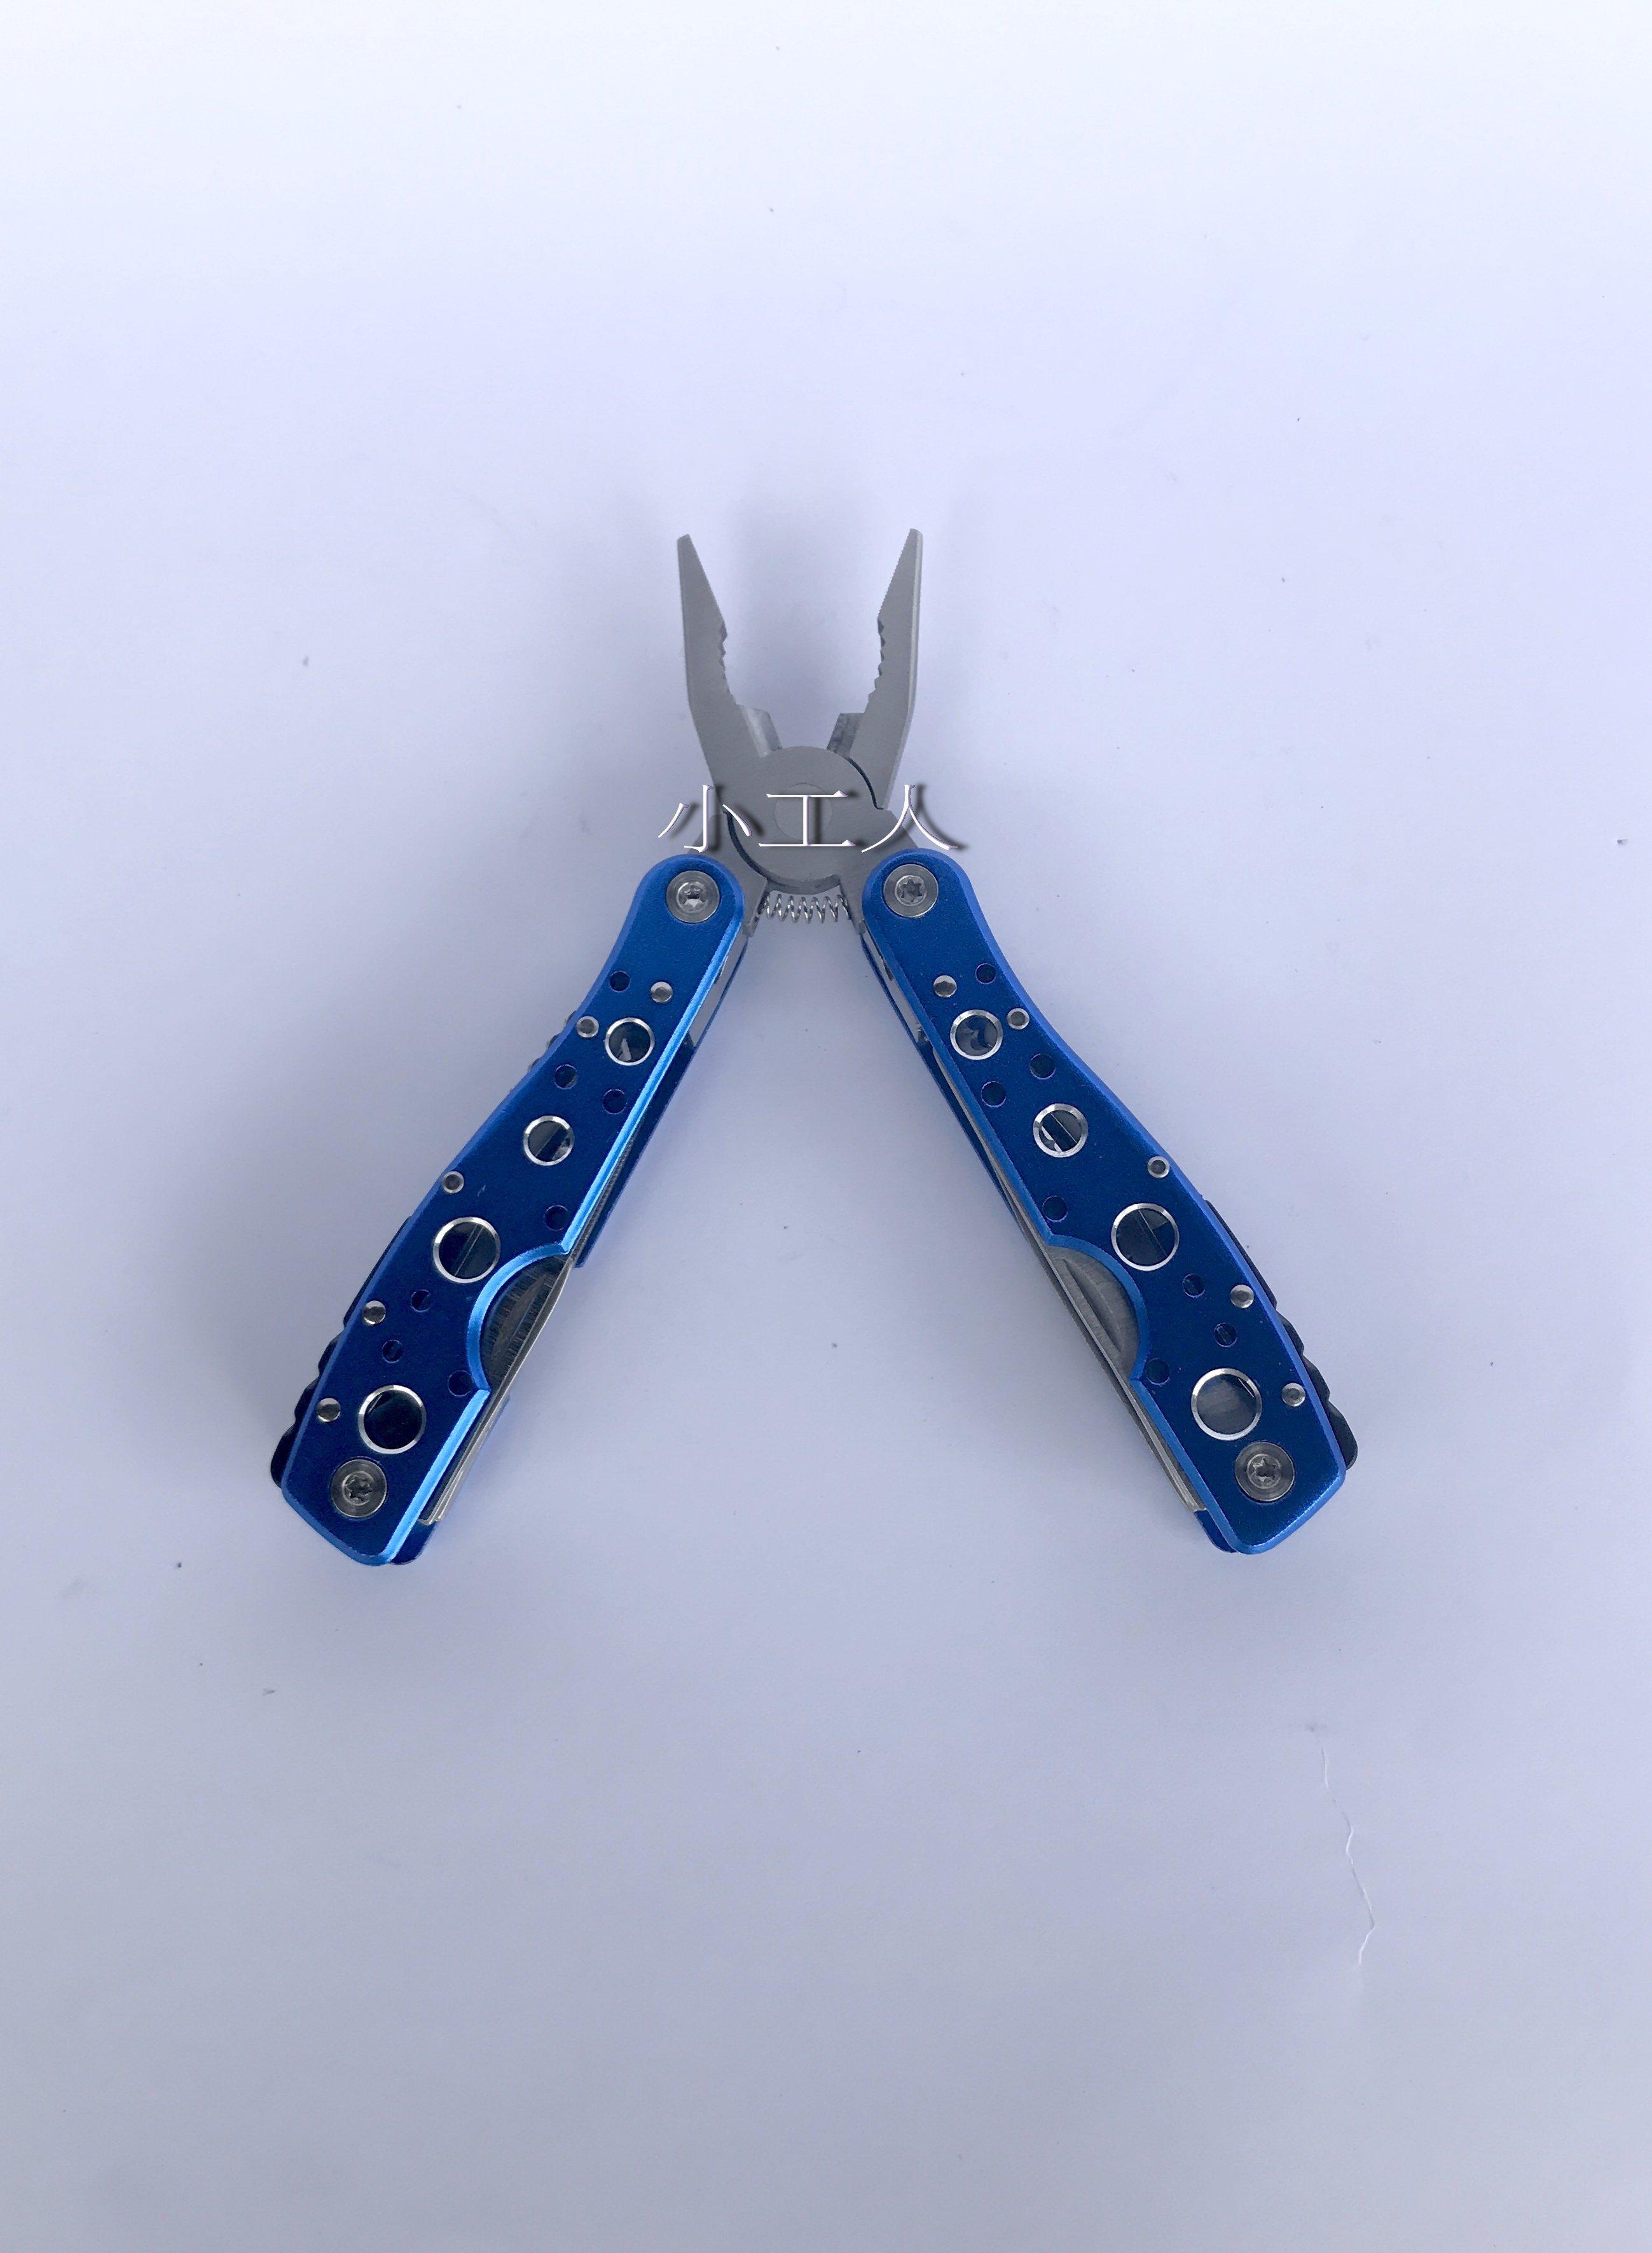 【瑪太】15用戶外多 鉗子 摺疊工具組 尖嘴鉗 鉗子 起子 鋸子 方便好攜帶